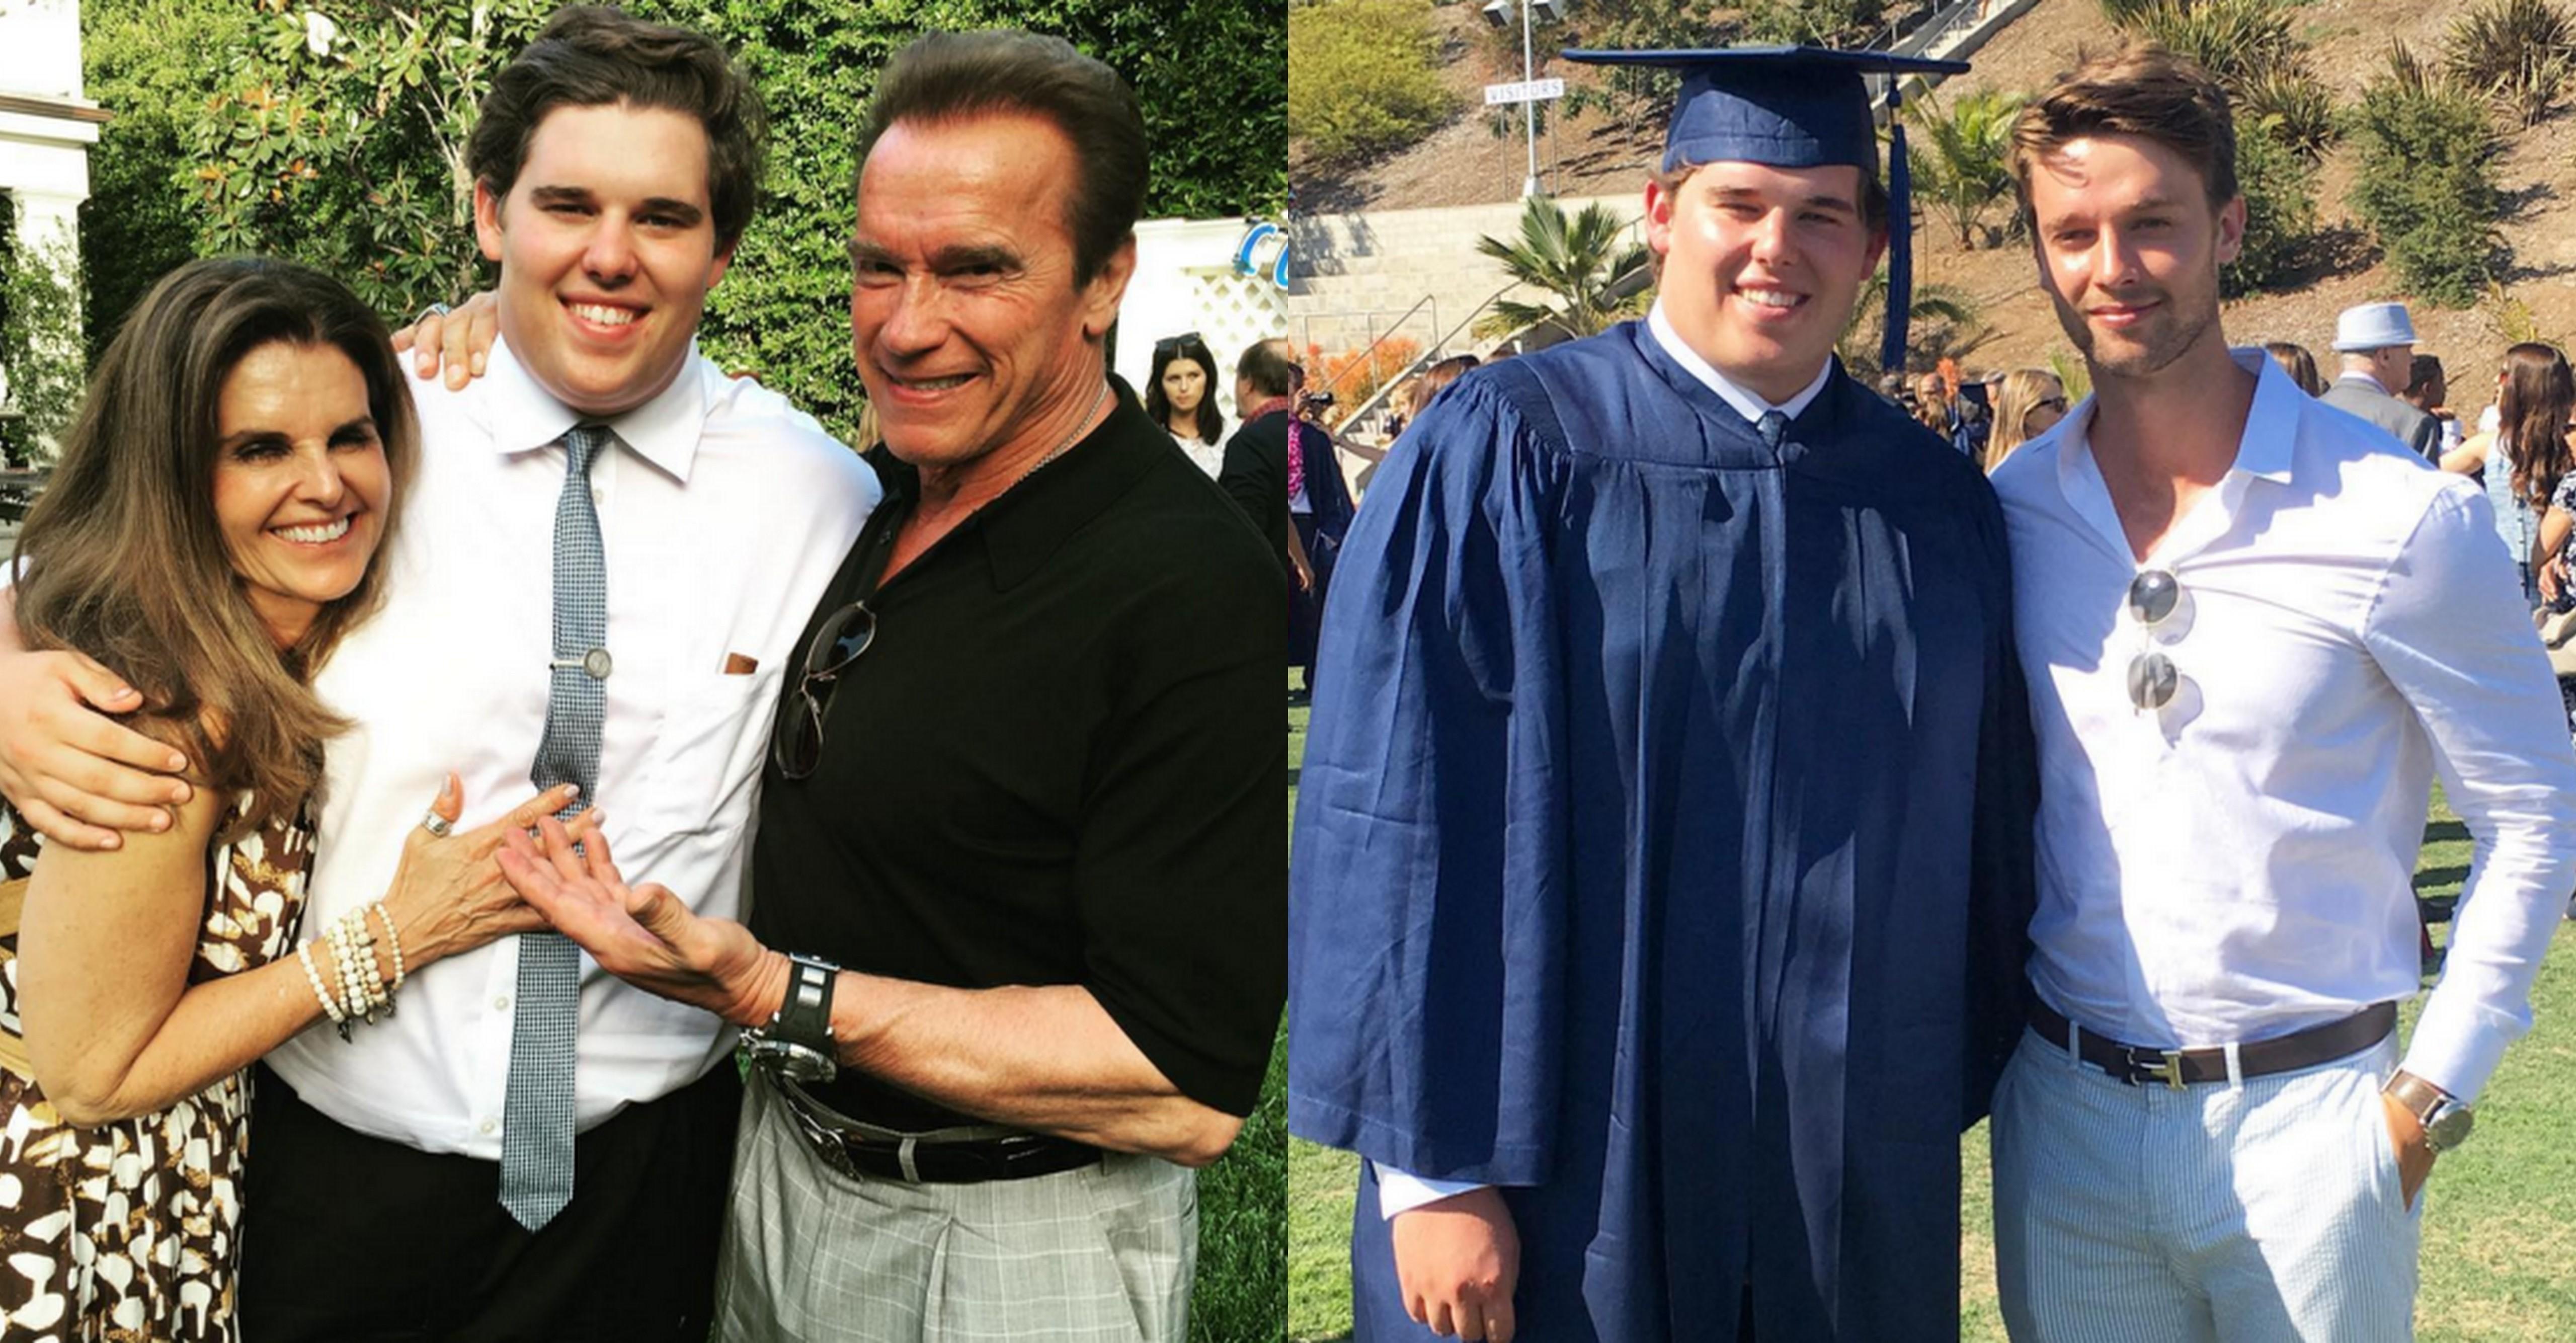 Maria Shriver and Arnold Schwarzenegger's son graduates high school